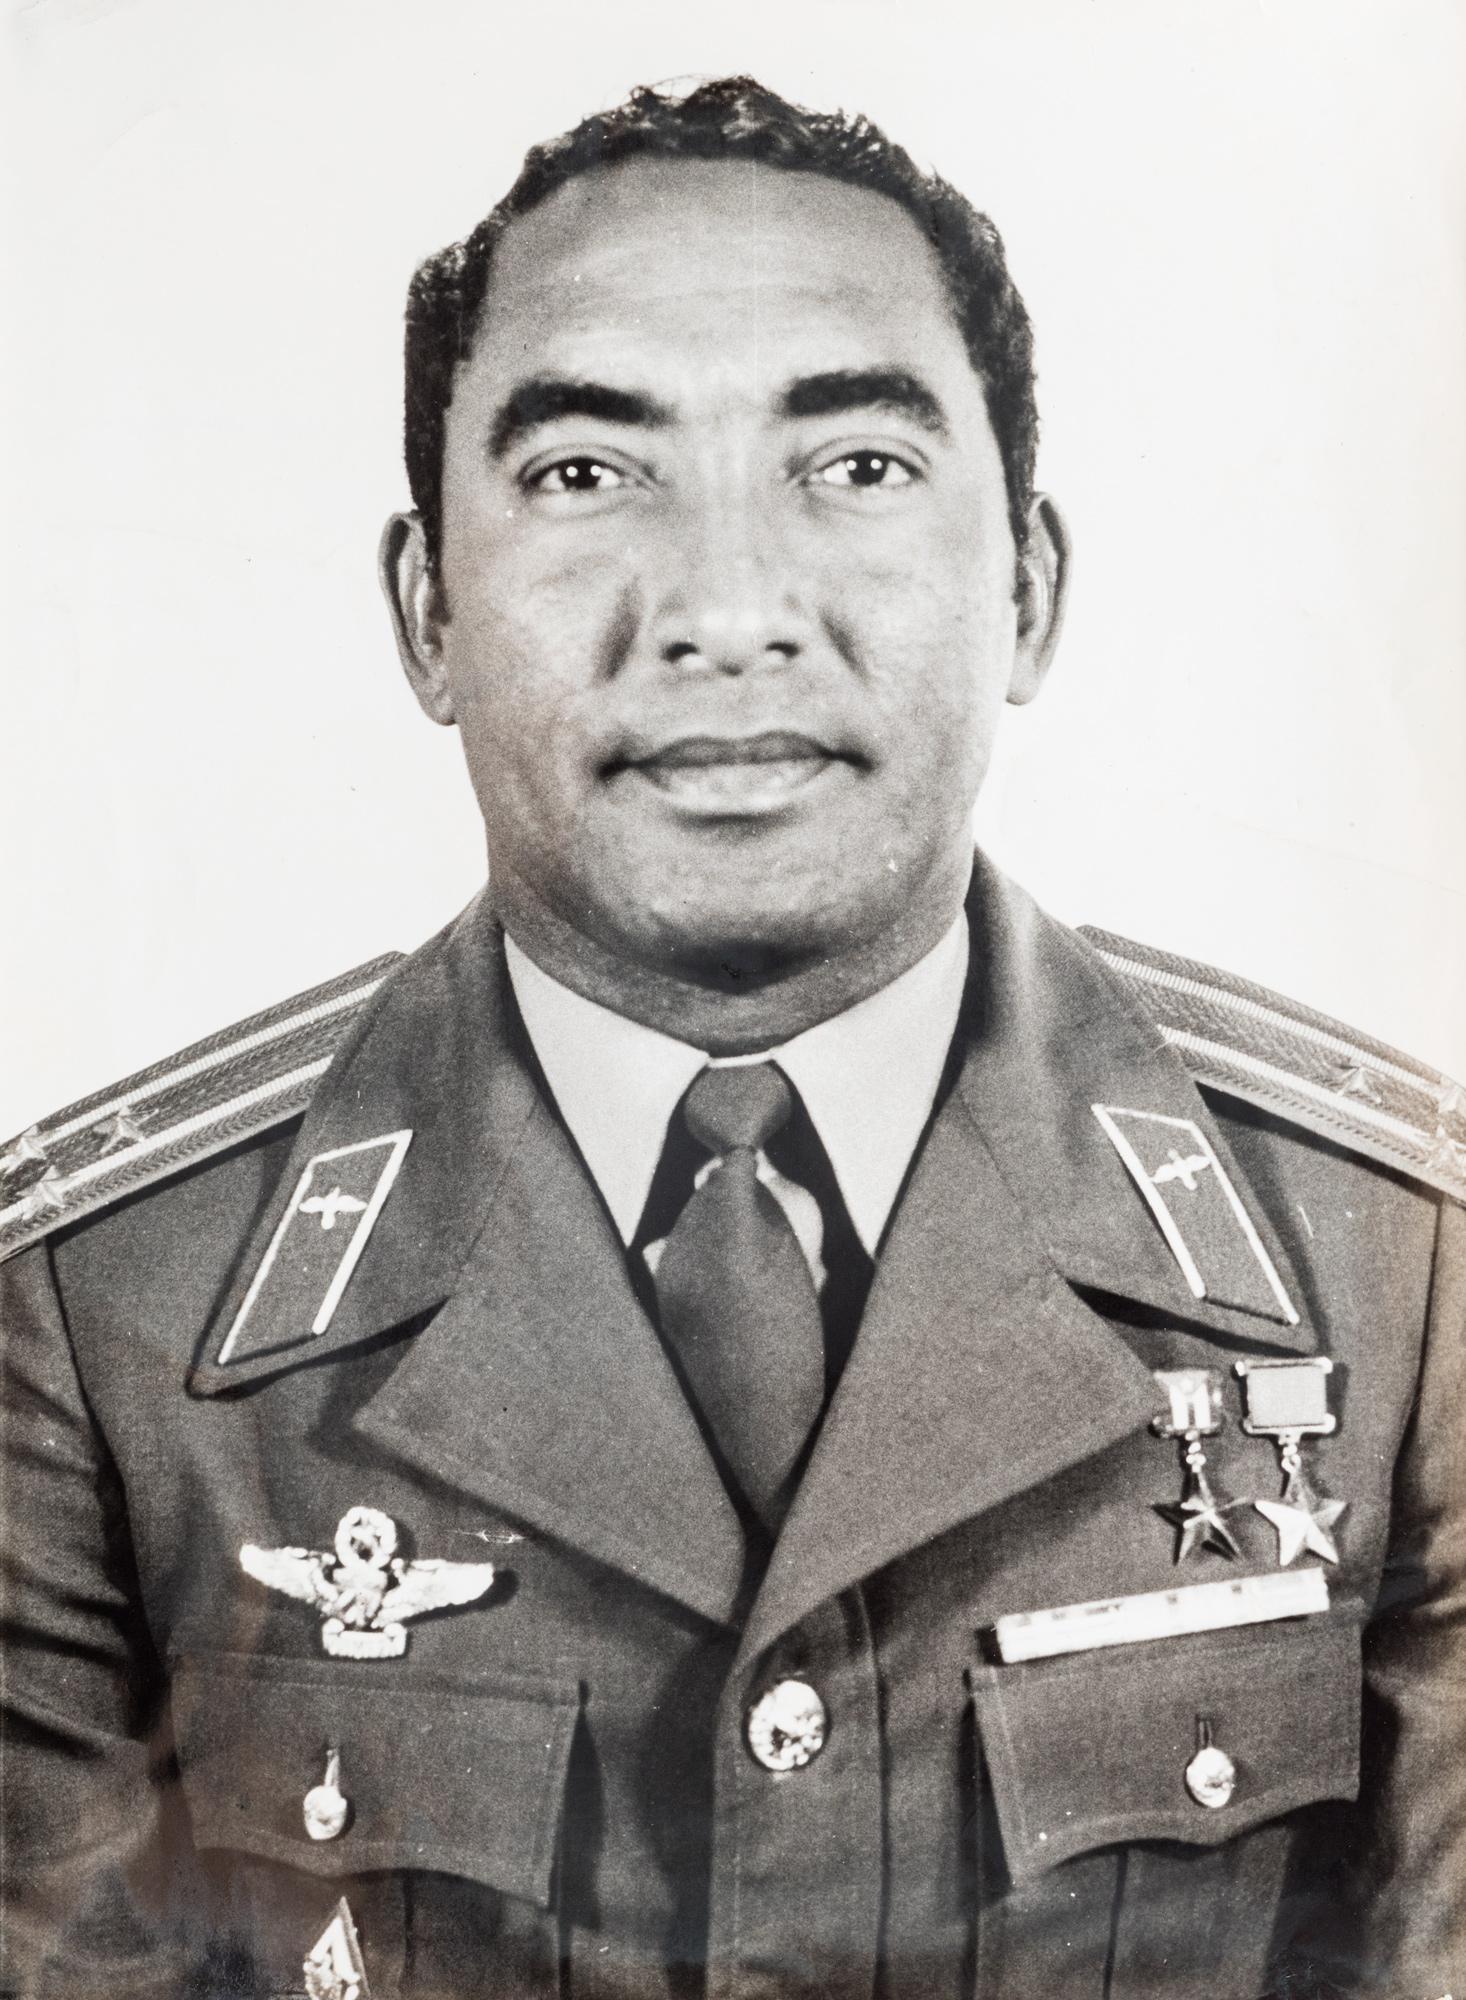 Ritratto dell'astronauta cubano Tamayo in uniforme